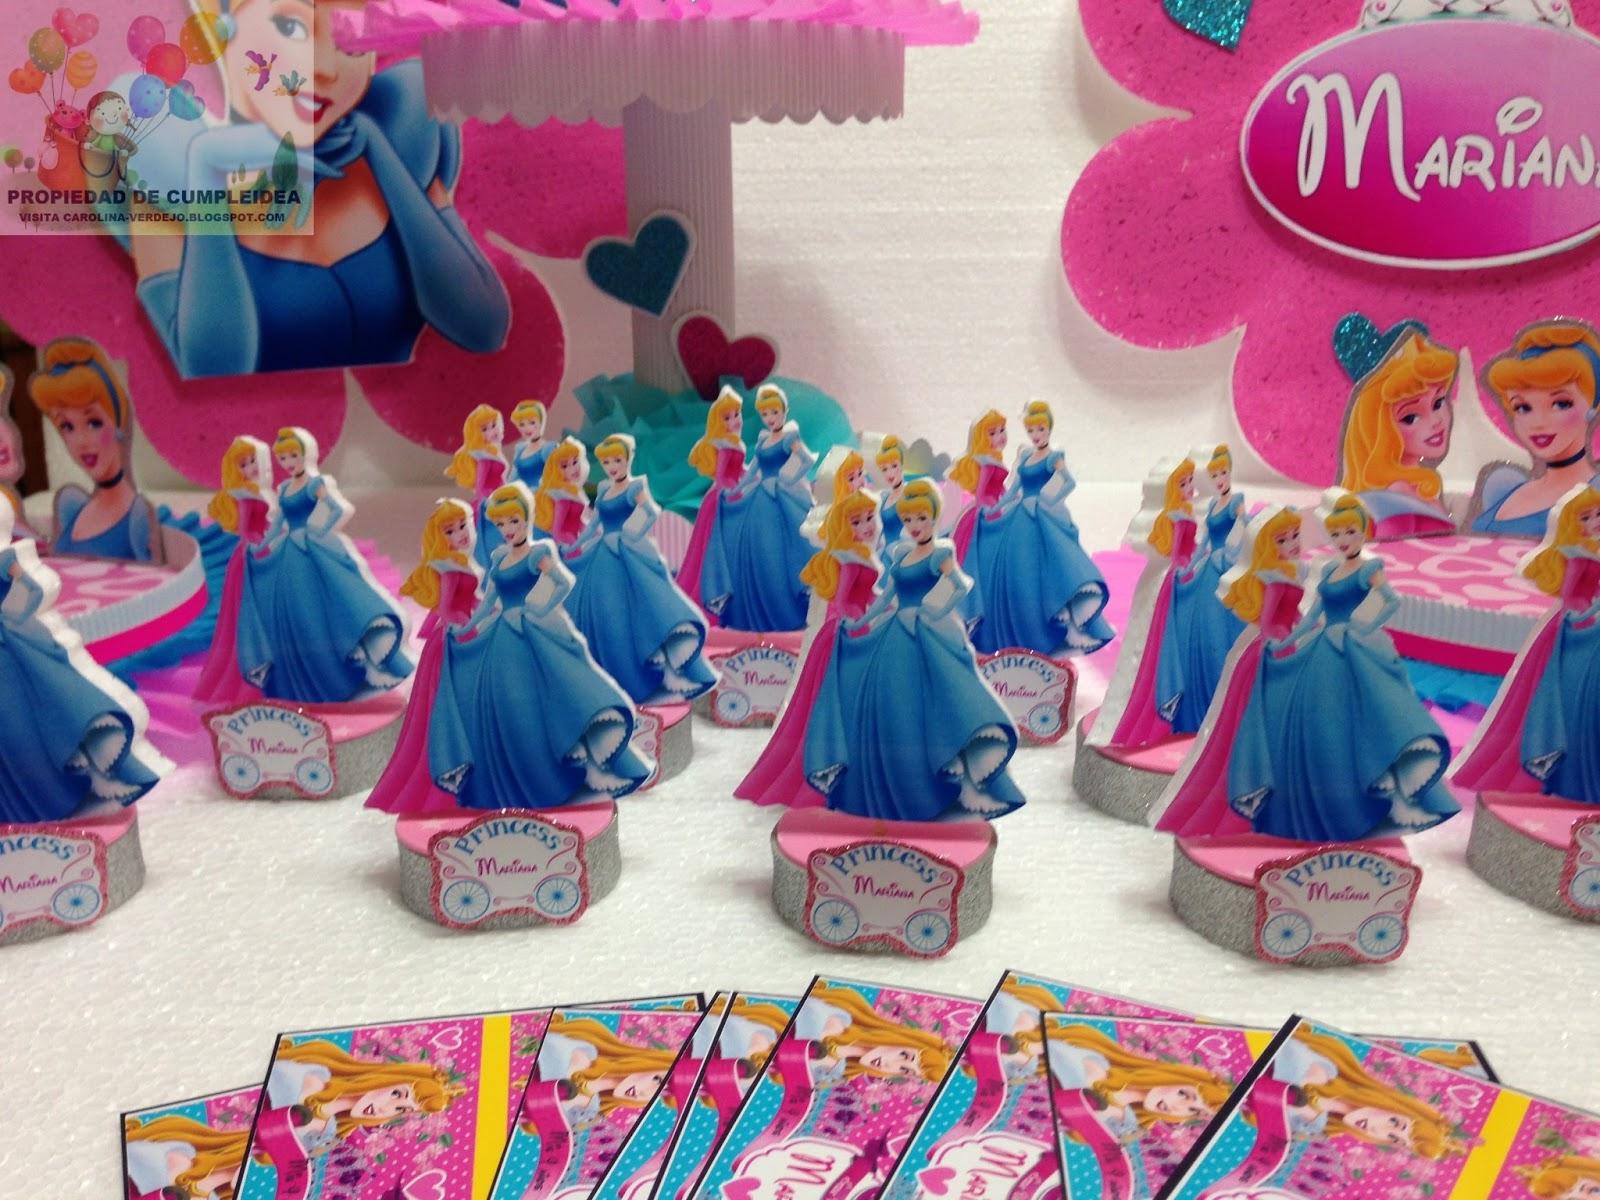 Decoraciones infantiles princesas for Decoraciones infantiles